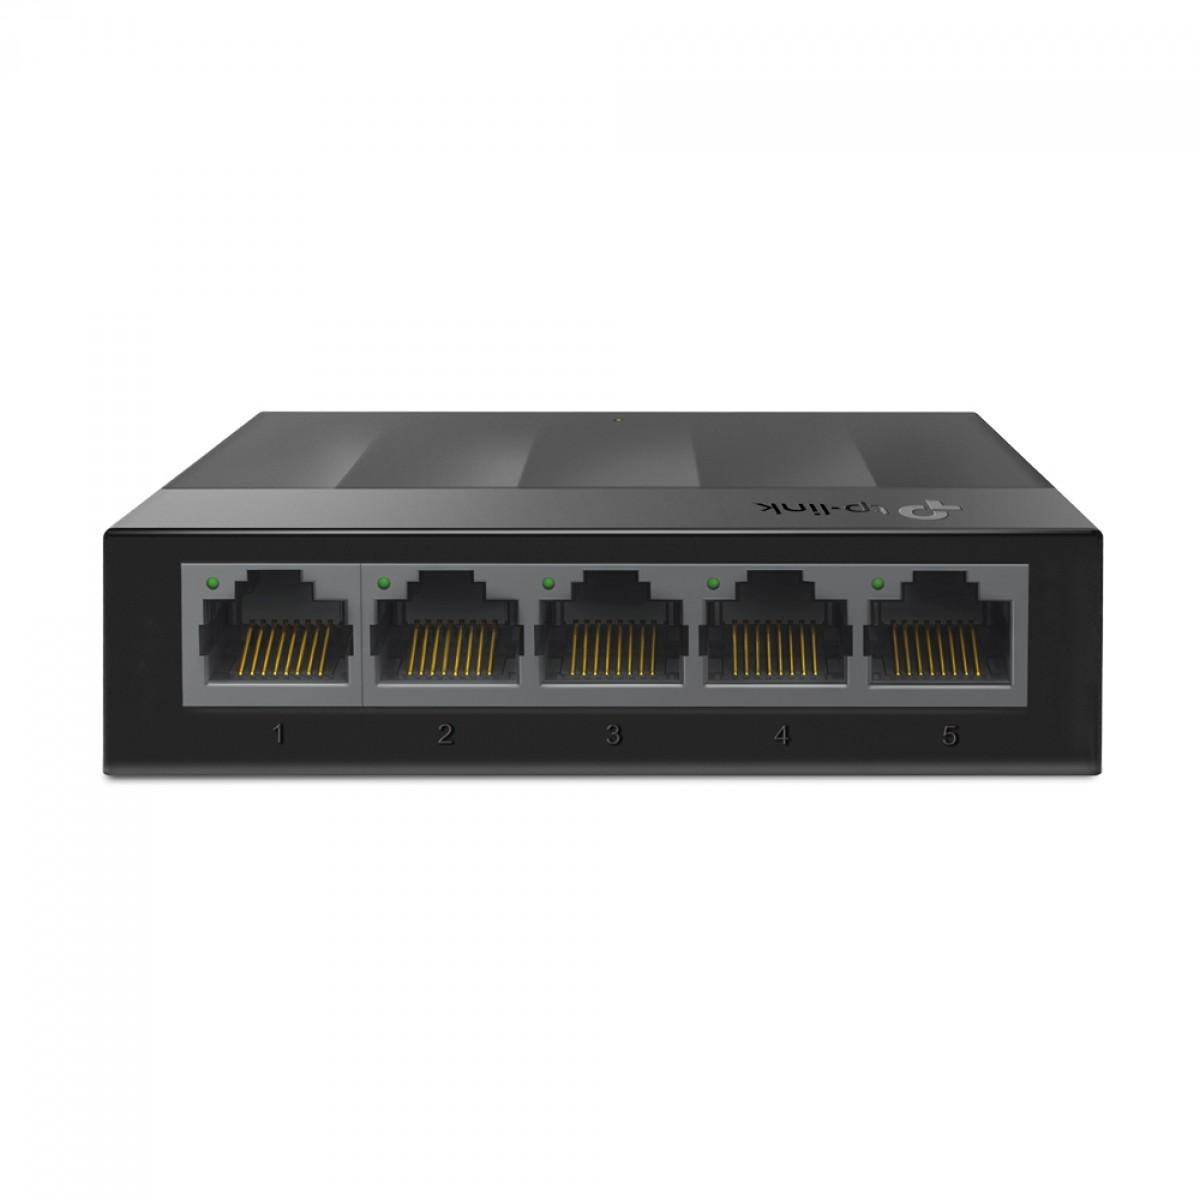 Switch TP-Link LS1005G 5 Portas 10/100/1000Mbps Gigabit Ethernet, Black